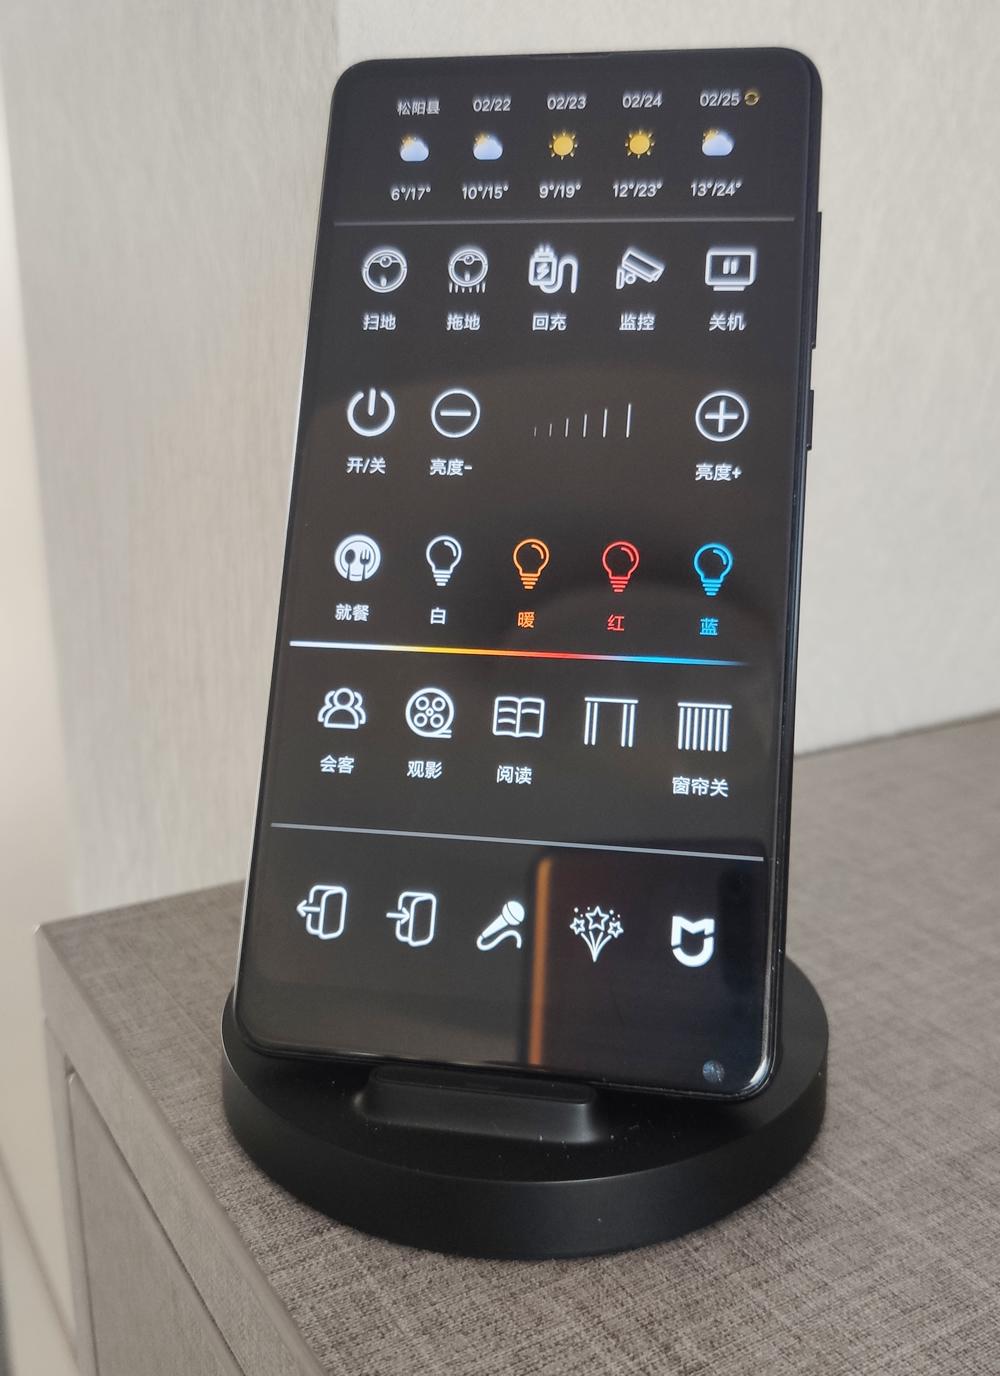 手机也能用于智能家居控制中心 (2).jpg